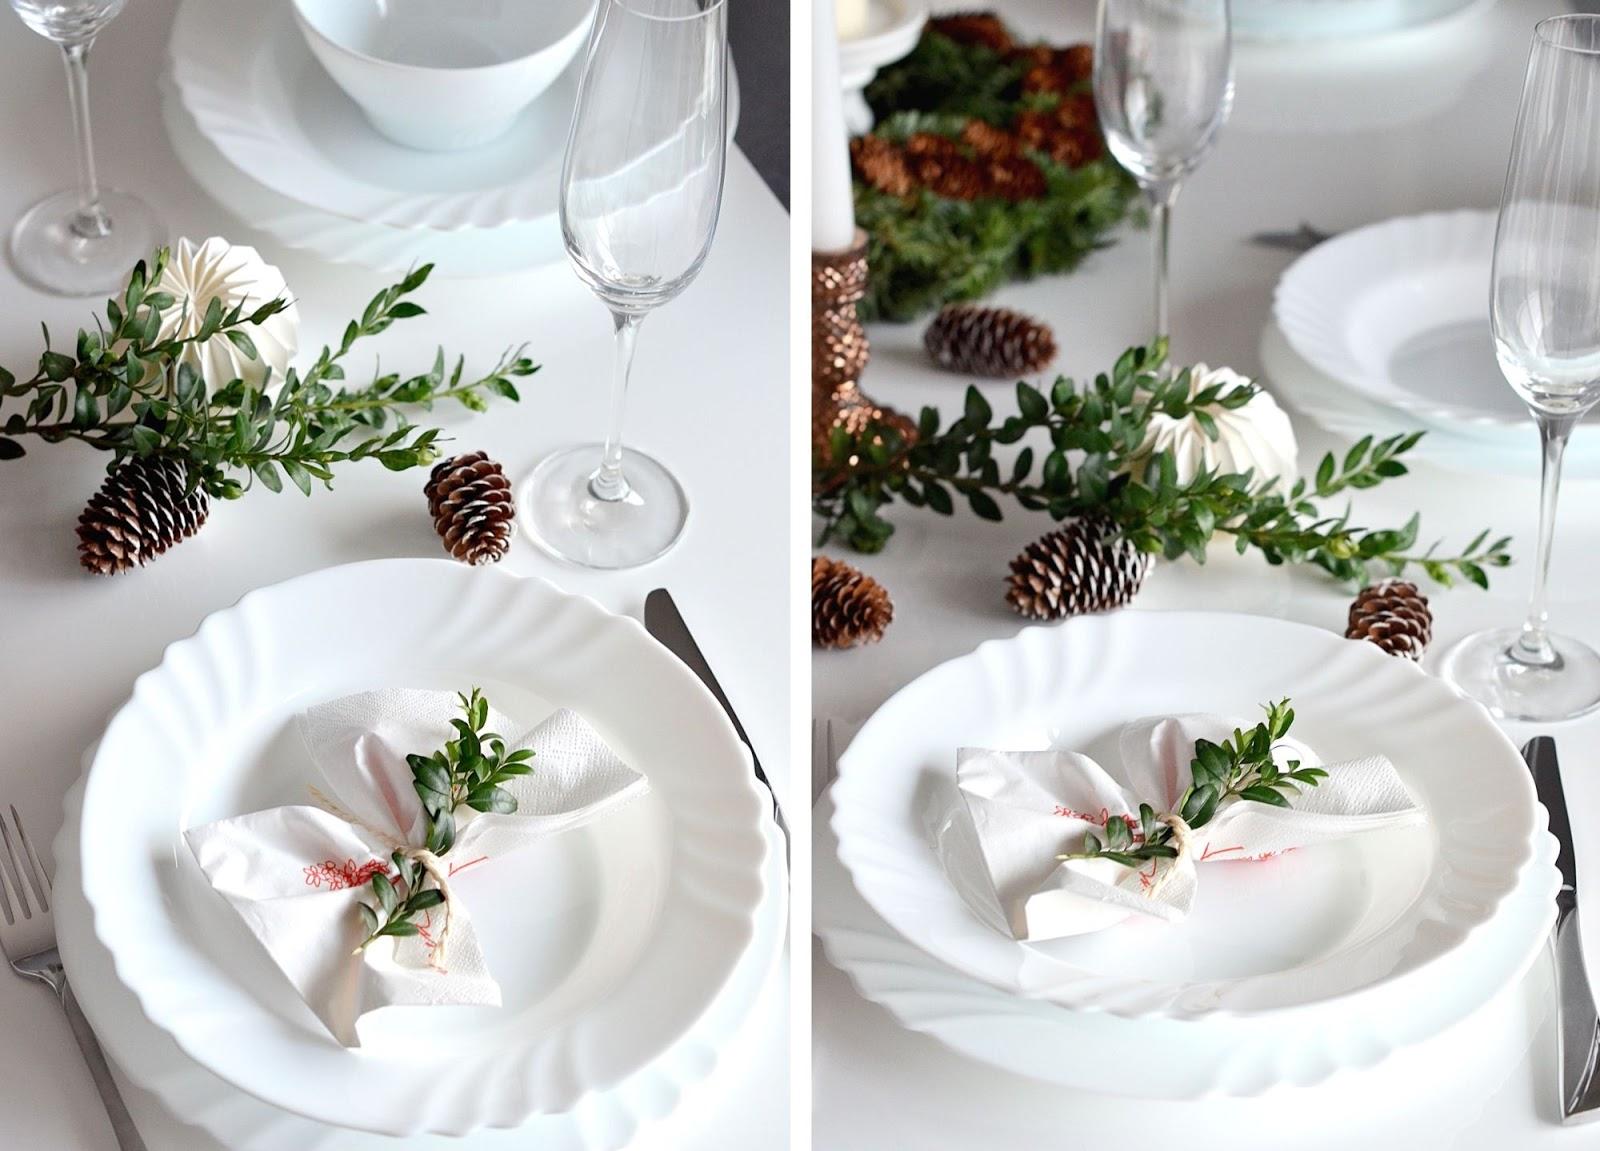 dekoracje stolu wigilijnego | swieta